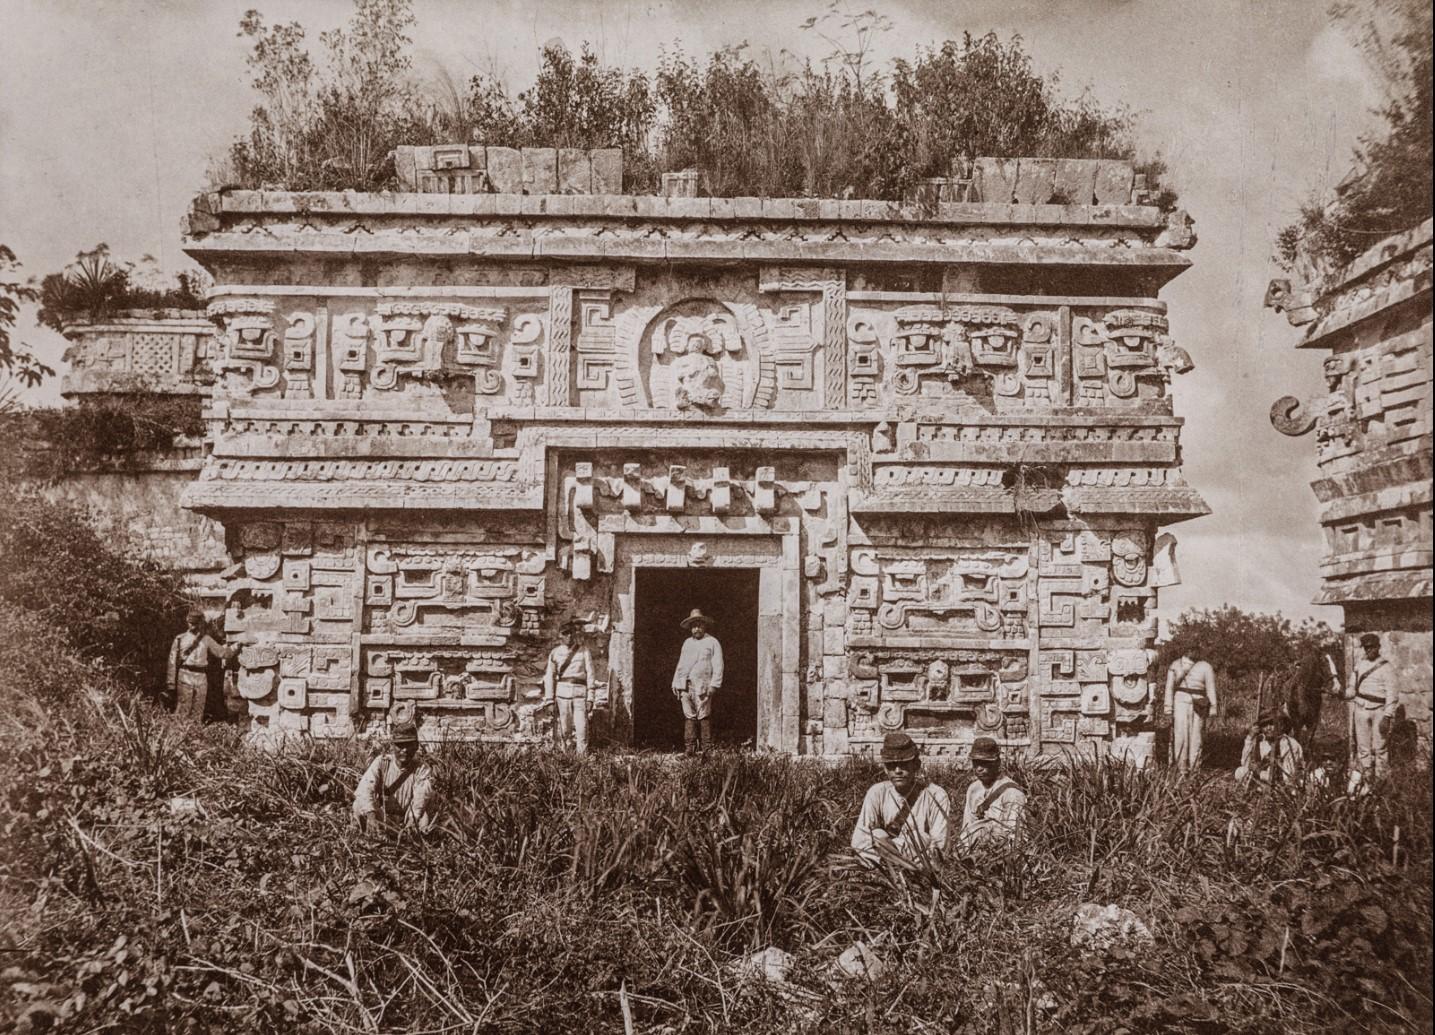 Чичен-Ица. Солдаты на восточной стороне здания «Лас Моньяс» («Женский монастырь»)